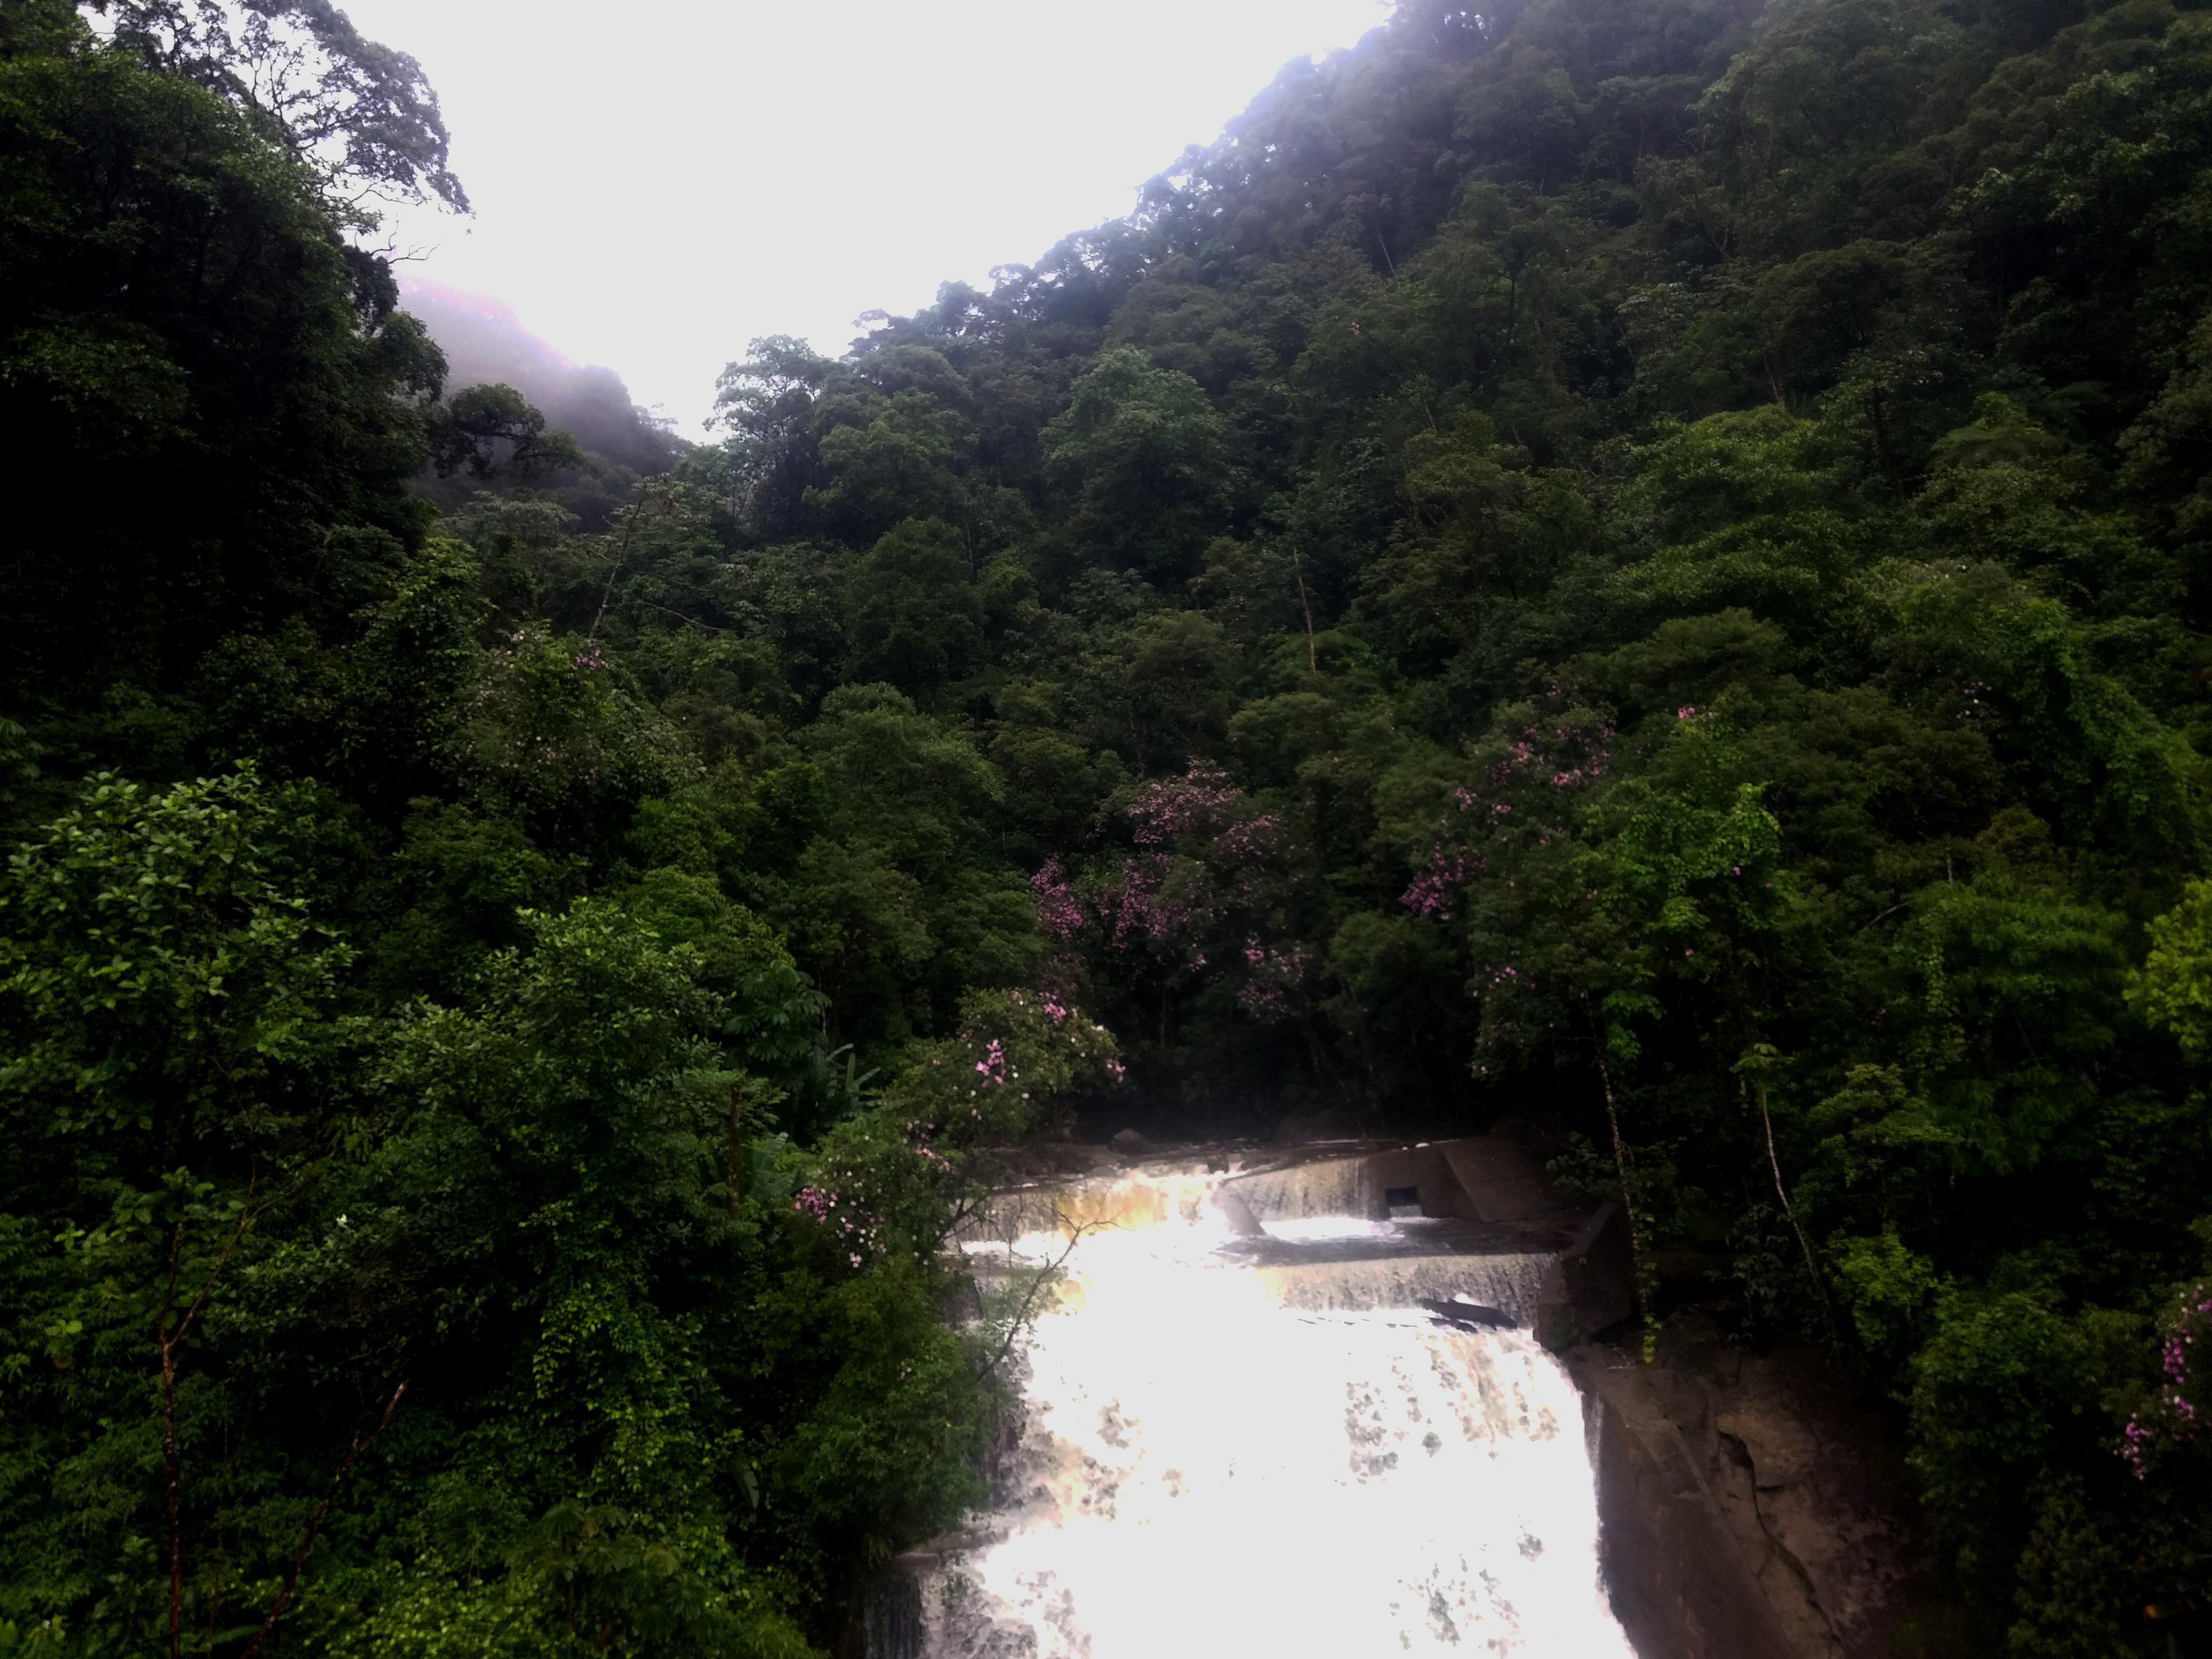 Serra do Mar - Via Anchieta